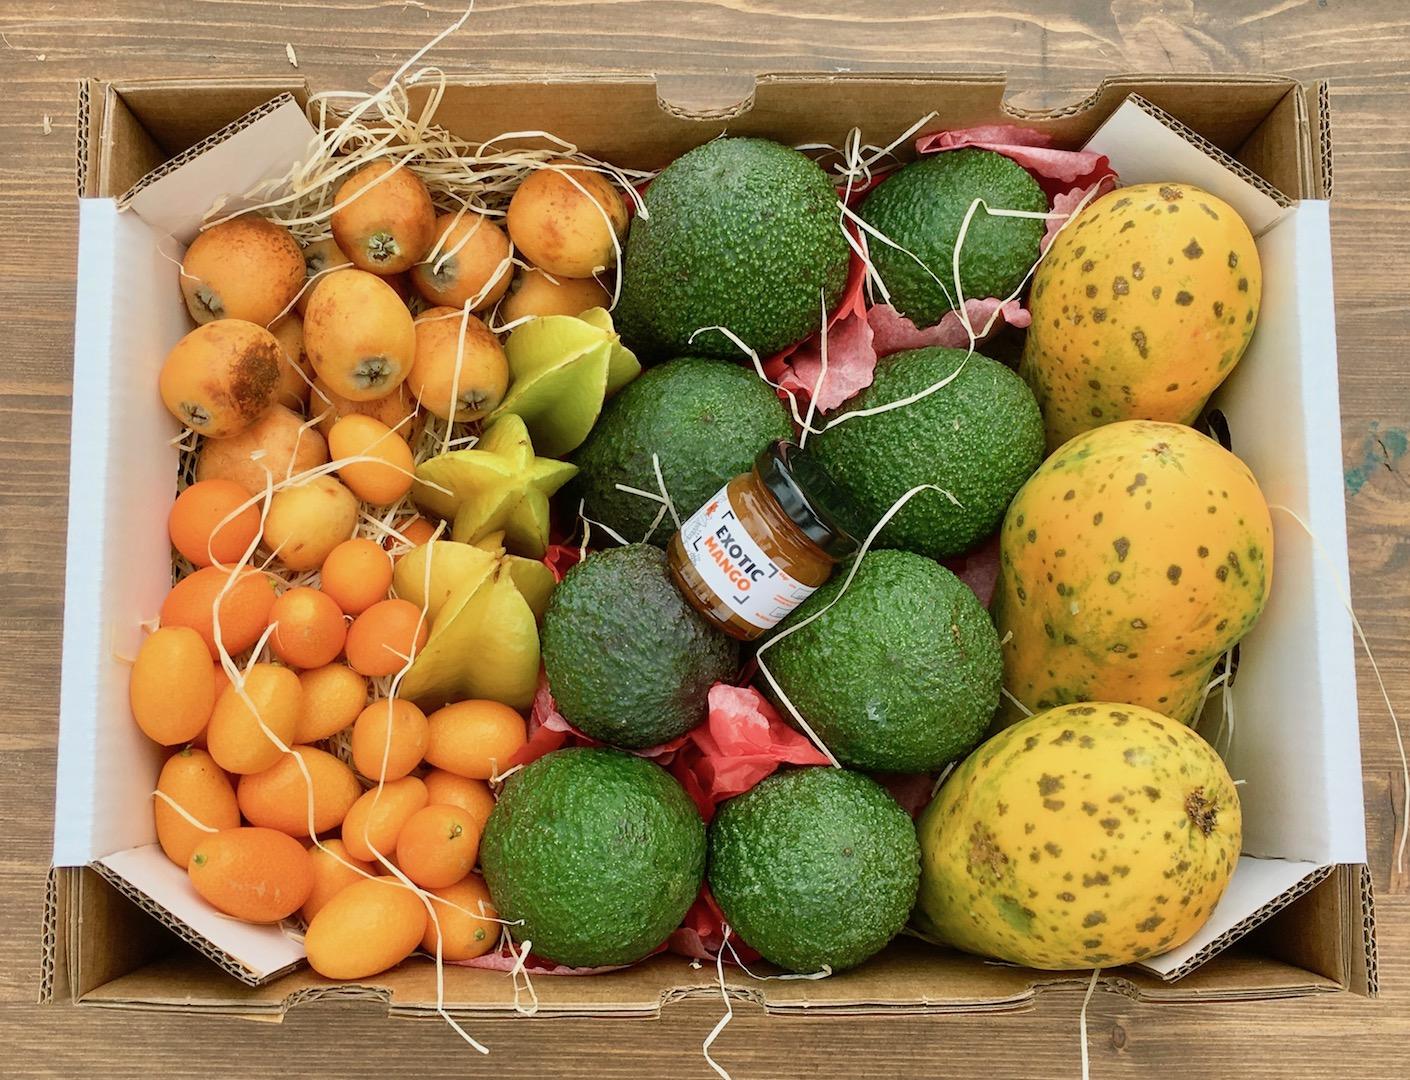 Comprar frutas ex ticas una caja de frutas reci n cortadas - Comprar cajas de fruta ...